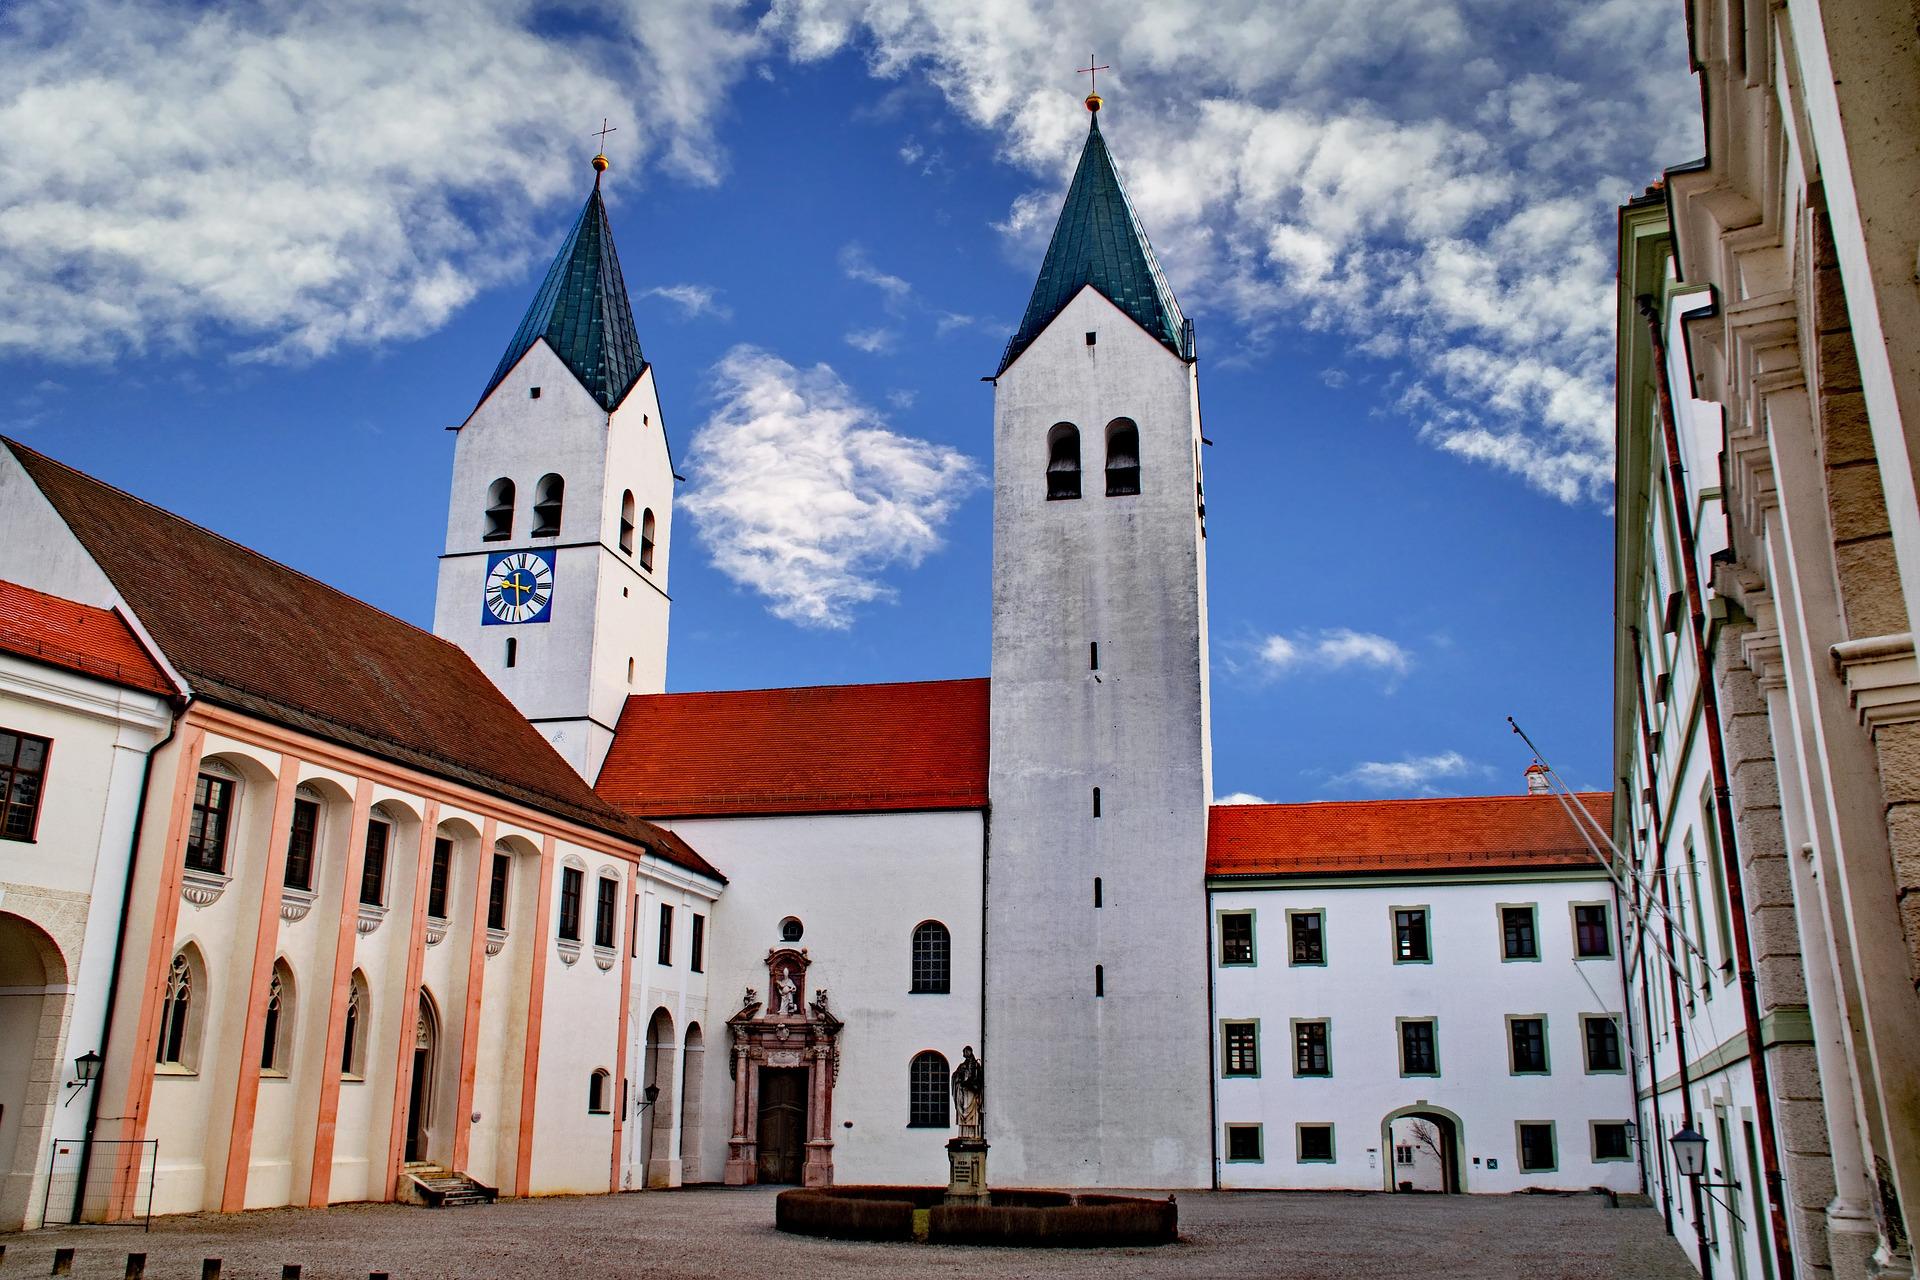 Auf dem Foto sieht man den Dom zu Freising.